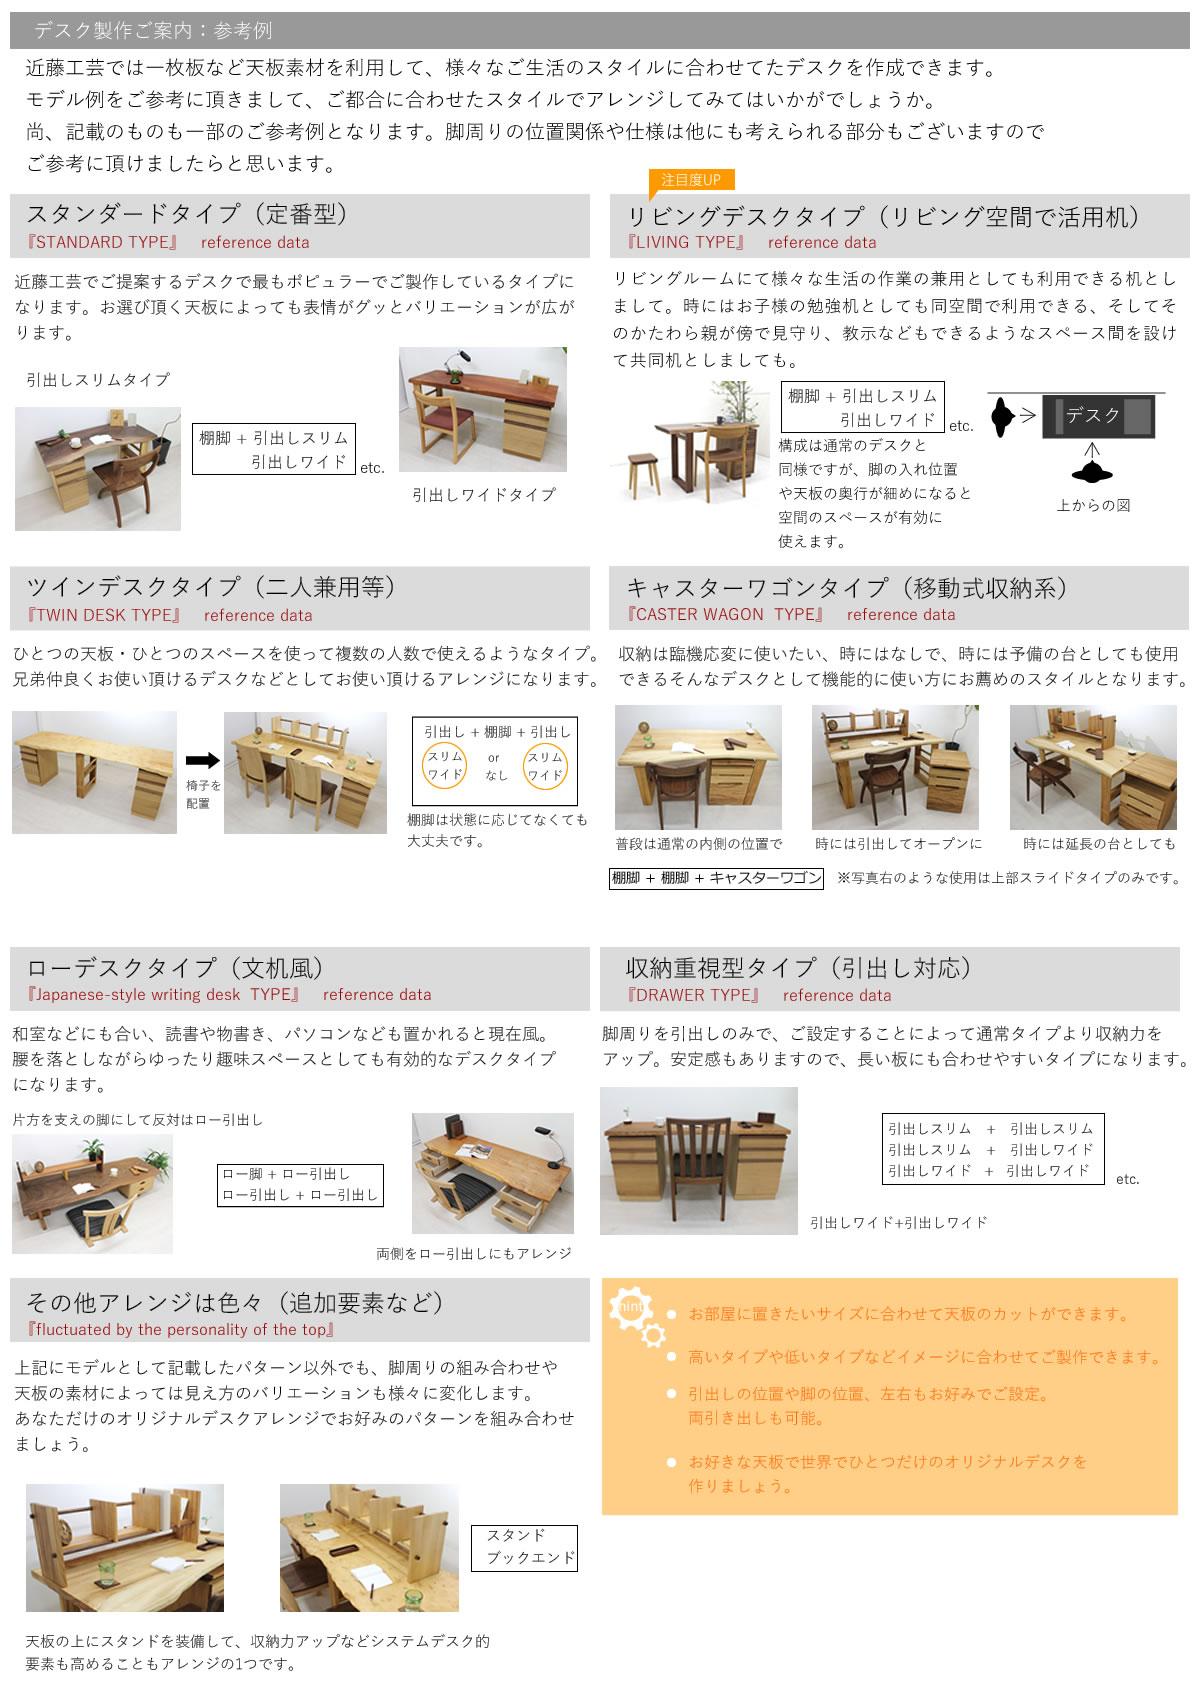 様々なデスクのタイプ別種類